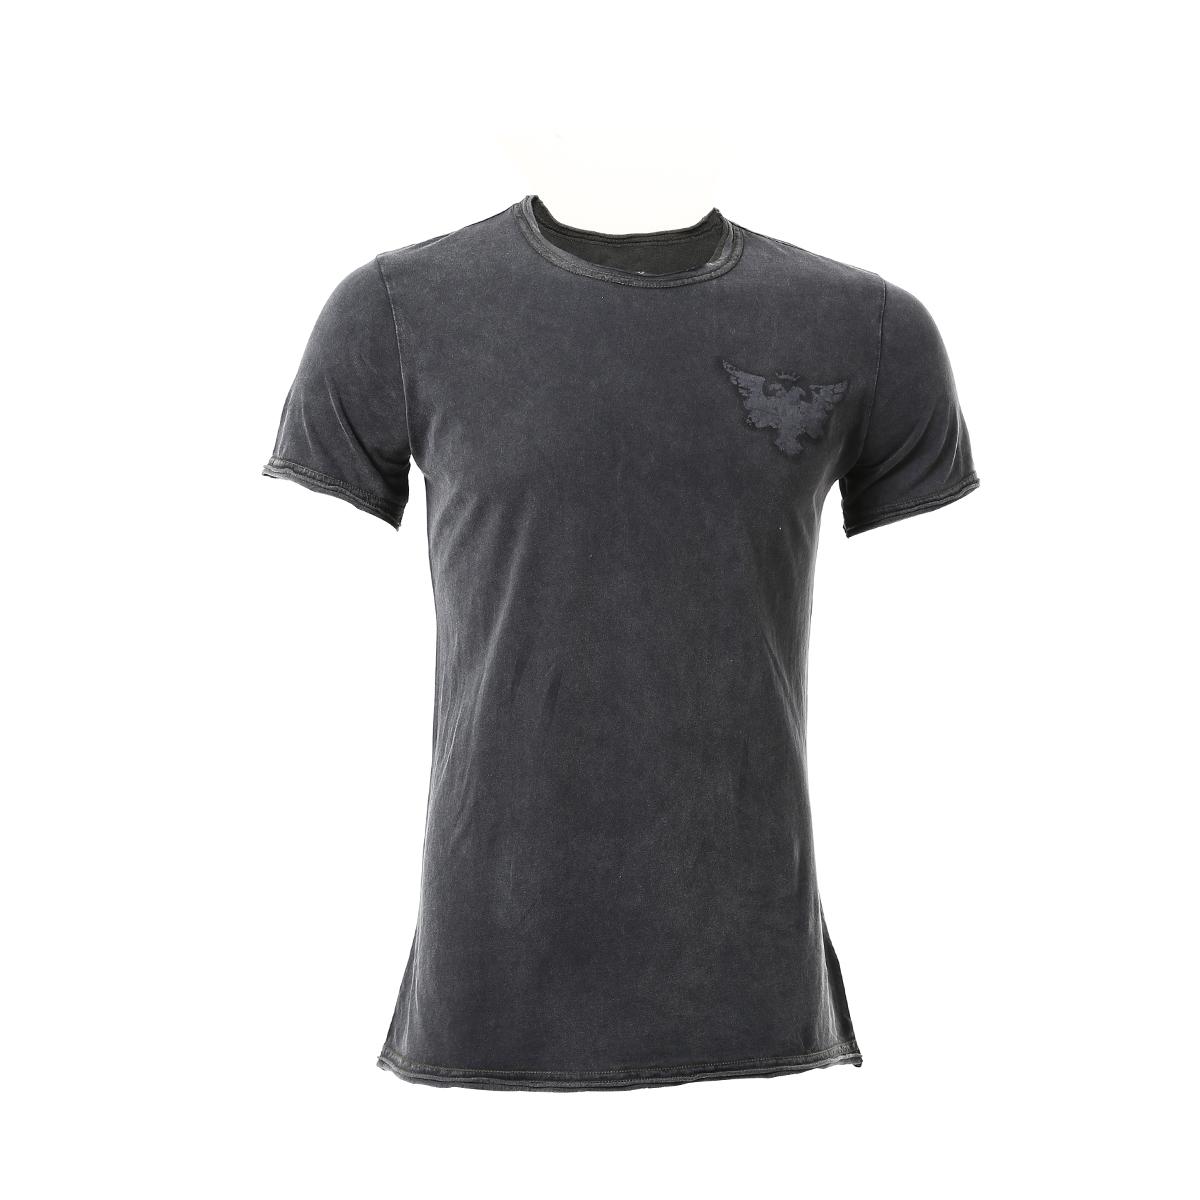 [绿白红]阿玛尼 专柜正品 老鹰logo 男士短袖t恤 81638